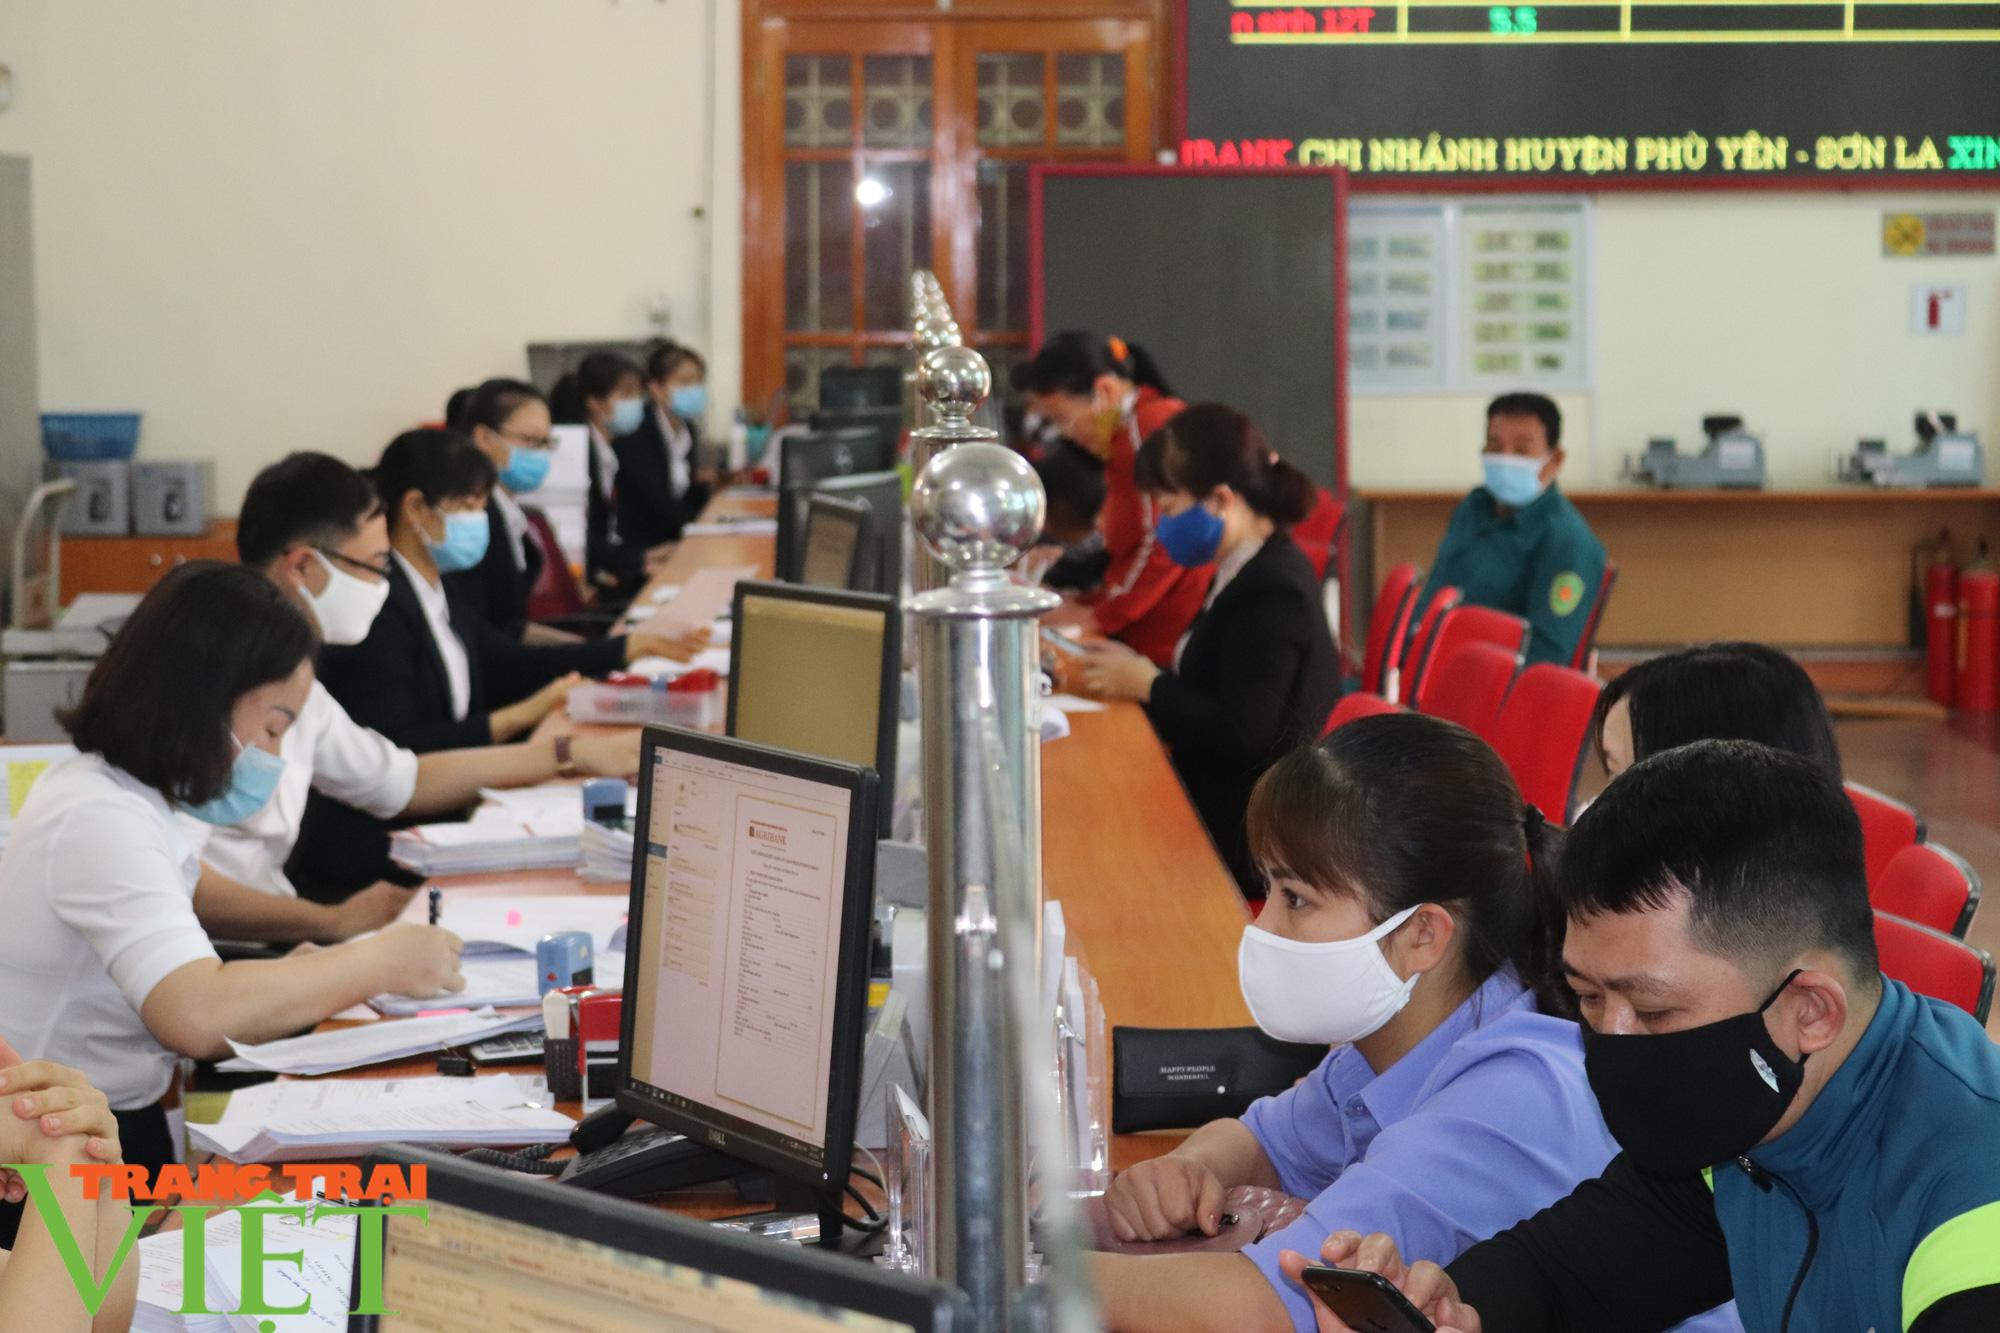 Đồng vốn Agribank tiếp sức, nông dân Phù Yên trở thành triệu phú - Ảnh 6.